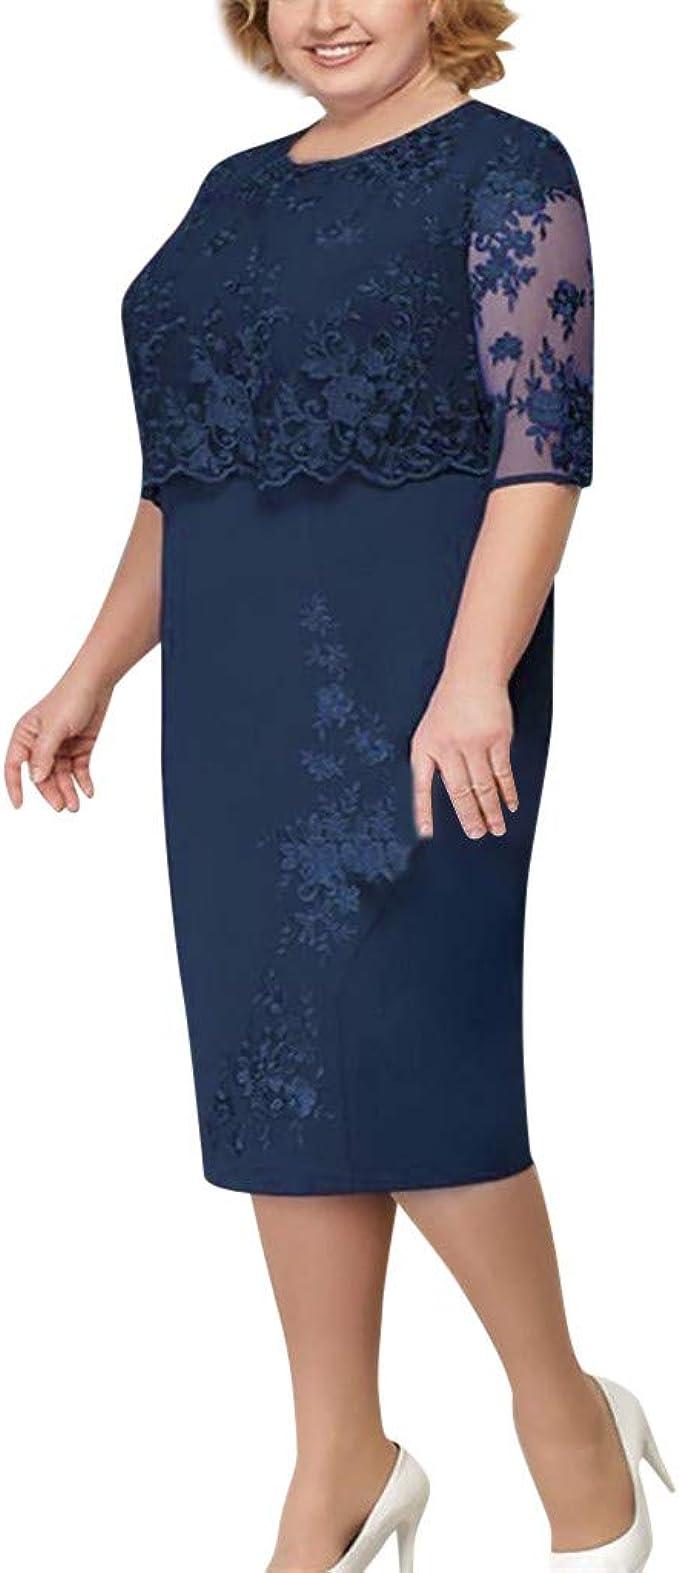 iLPM11212 Plus Size Kleider für Frauen GroßE GrößE Elegante Mutter Der Braut  Dress Mode Spitze Sheer 112/12 HüLse Feste Party Midi Kleid